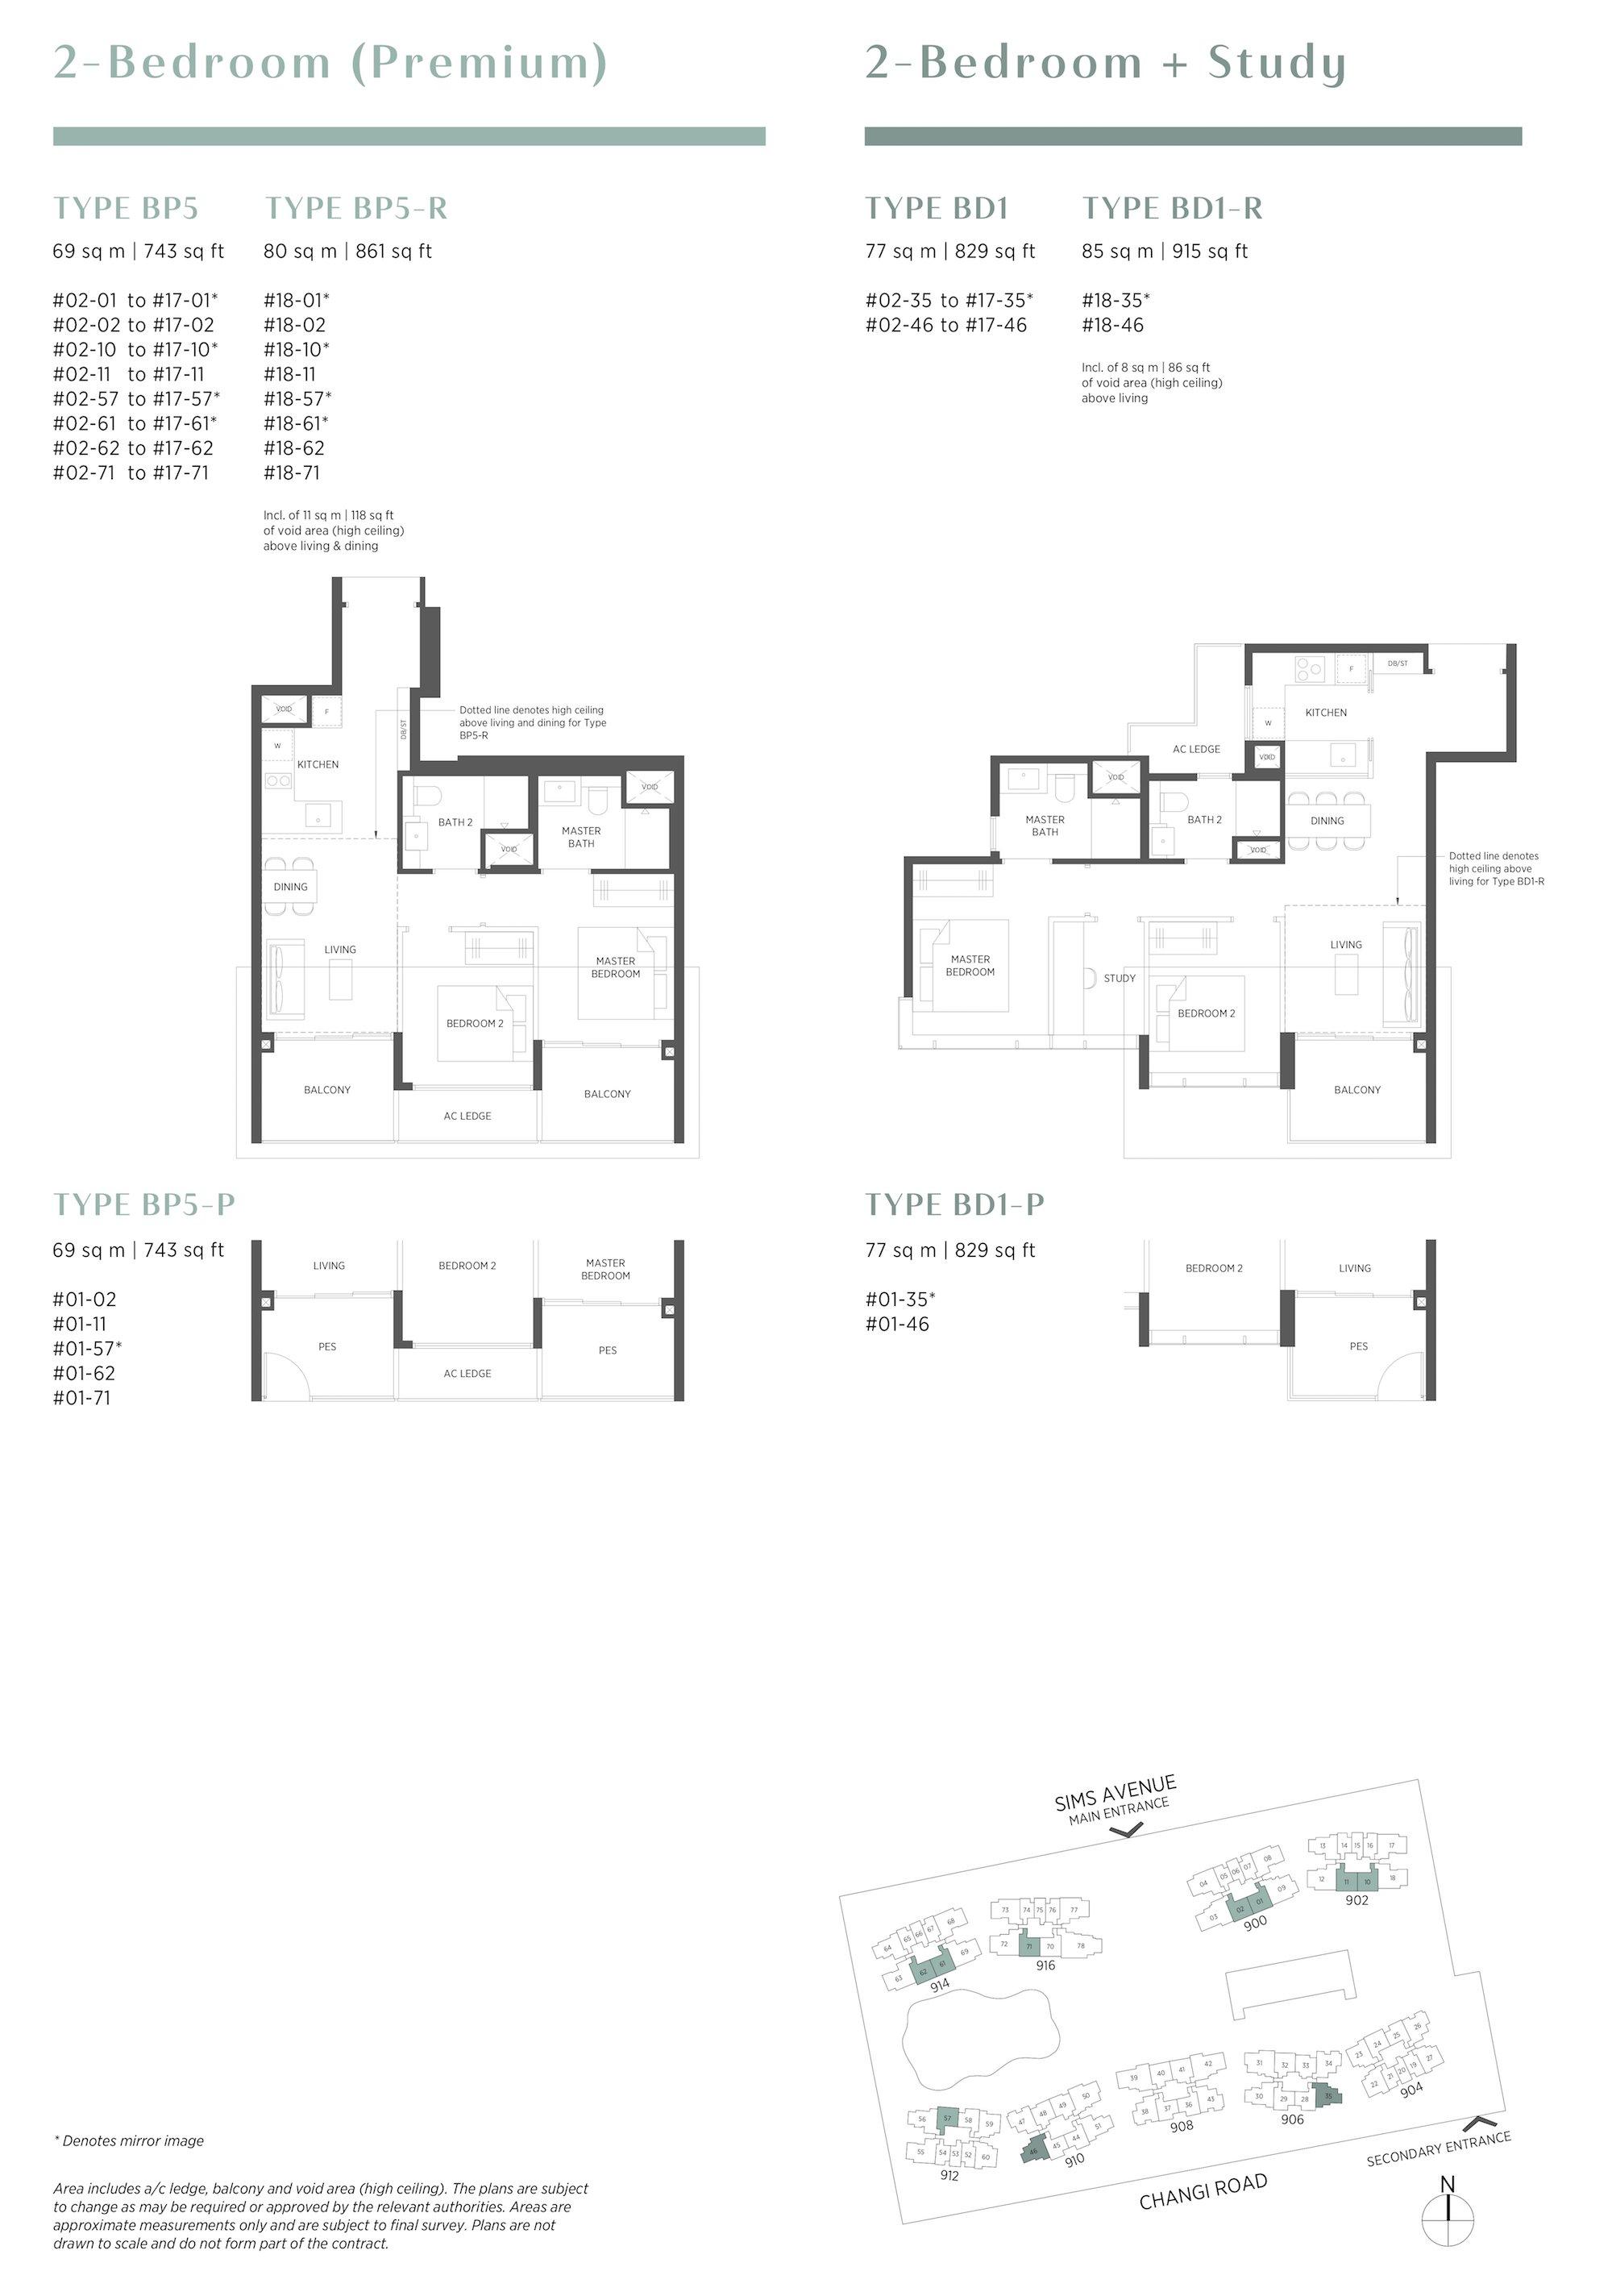 Parc Esta 东景苑 2 bedroom premium 2卧房优质 BP5 BD1